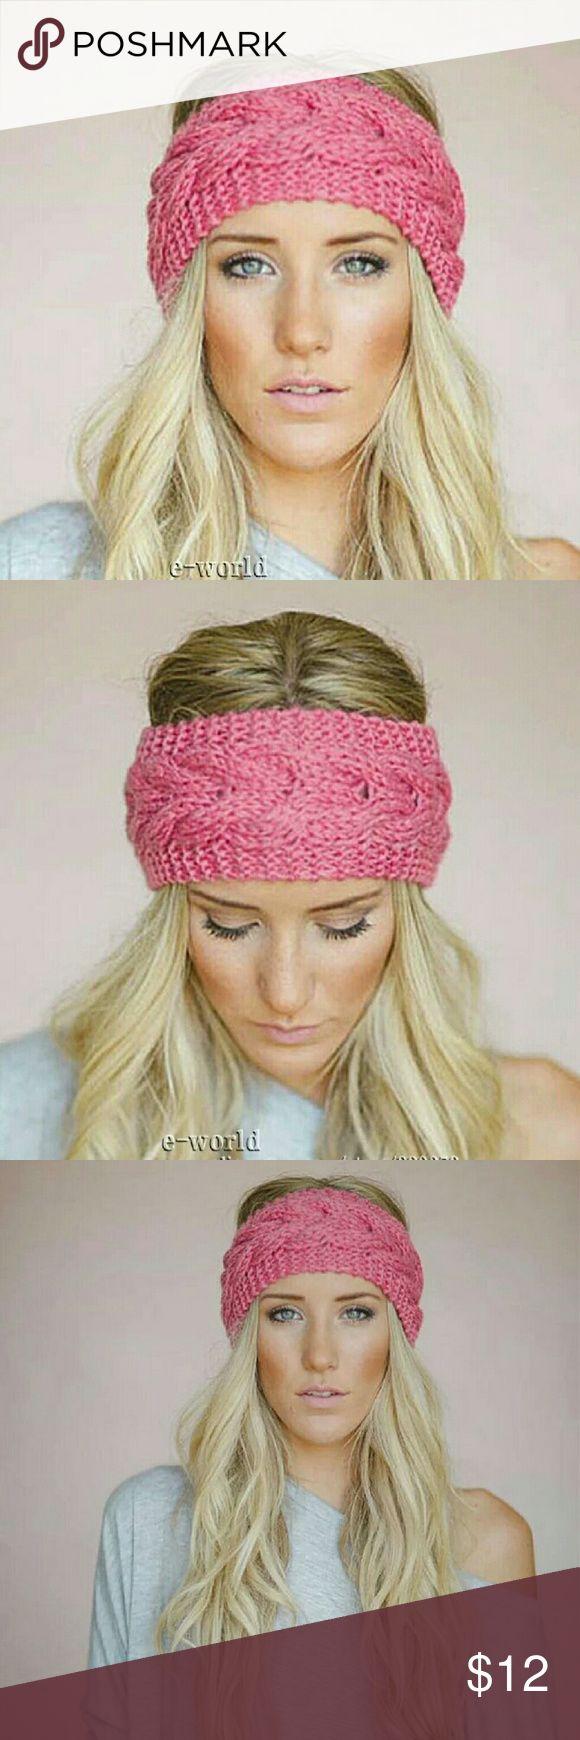 best 25+ headbands for women ideas on pinterest   hair accessories